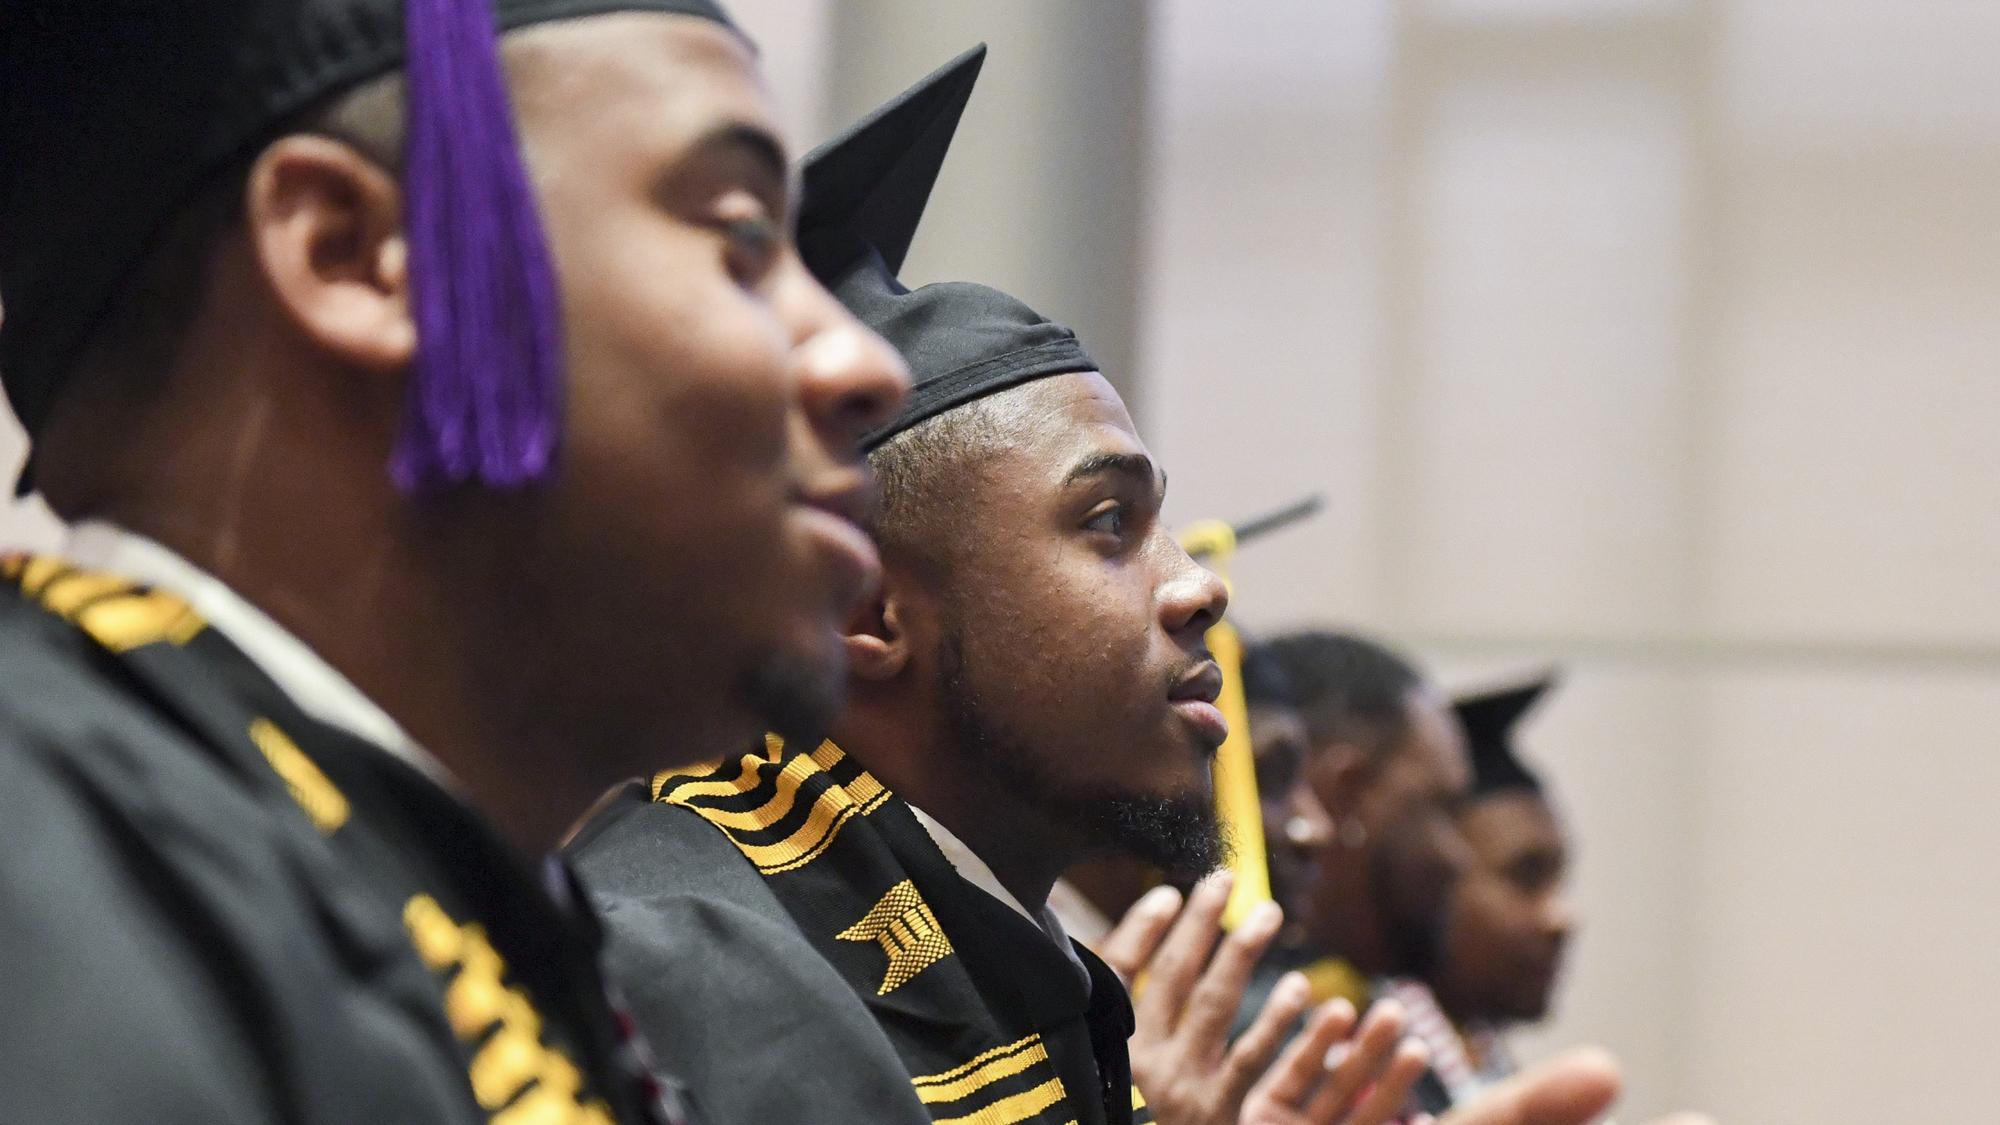 Celebration Bowl 2017: Grambling grads